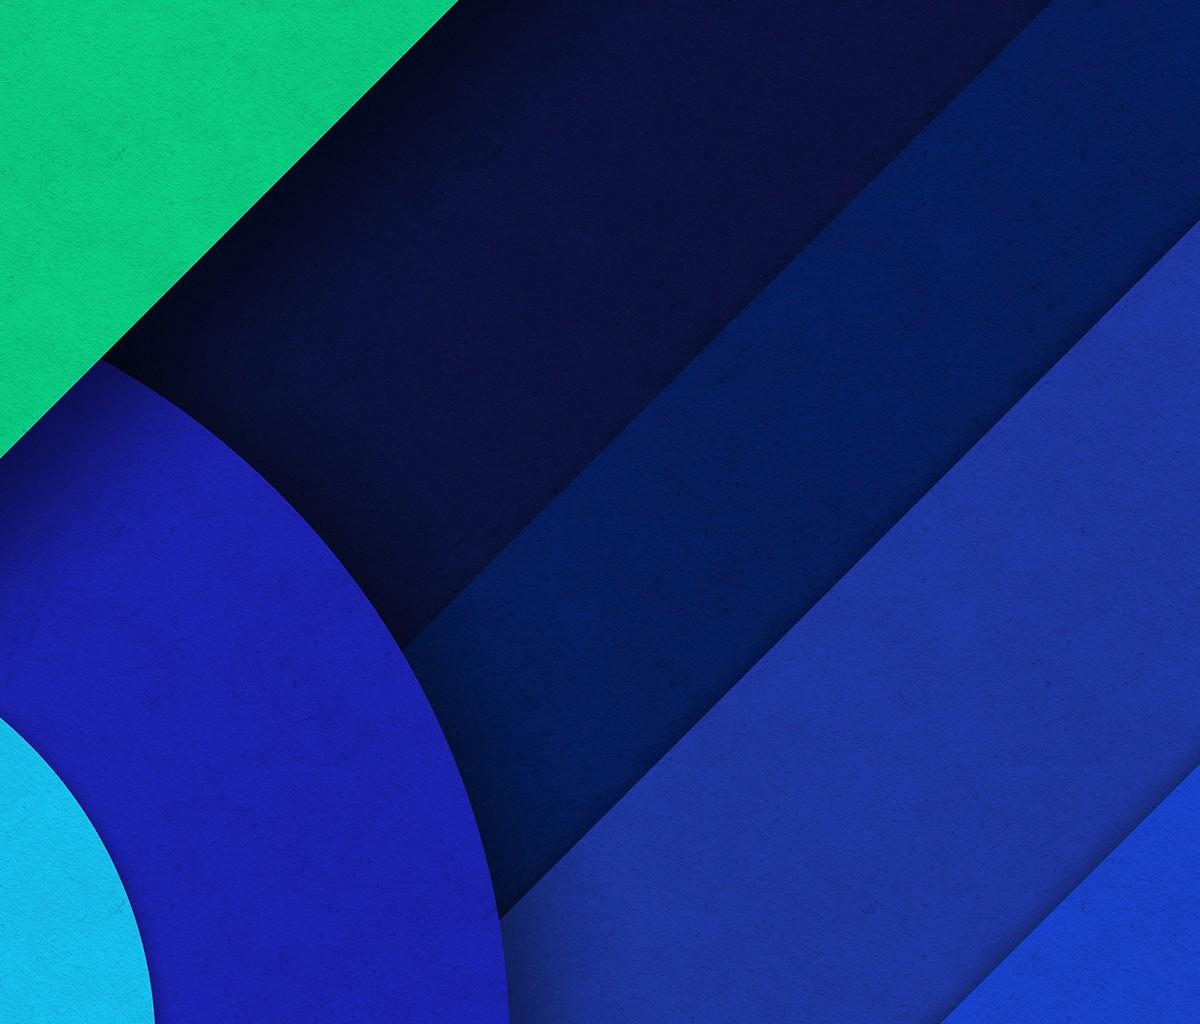 Alcatel Pixi 4 Stock Wallpaper 16 1200x1024 768x655